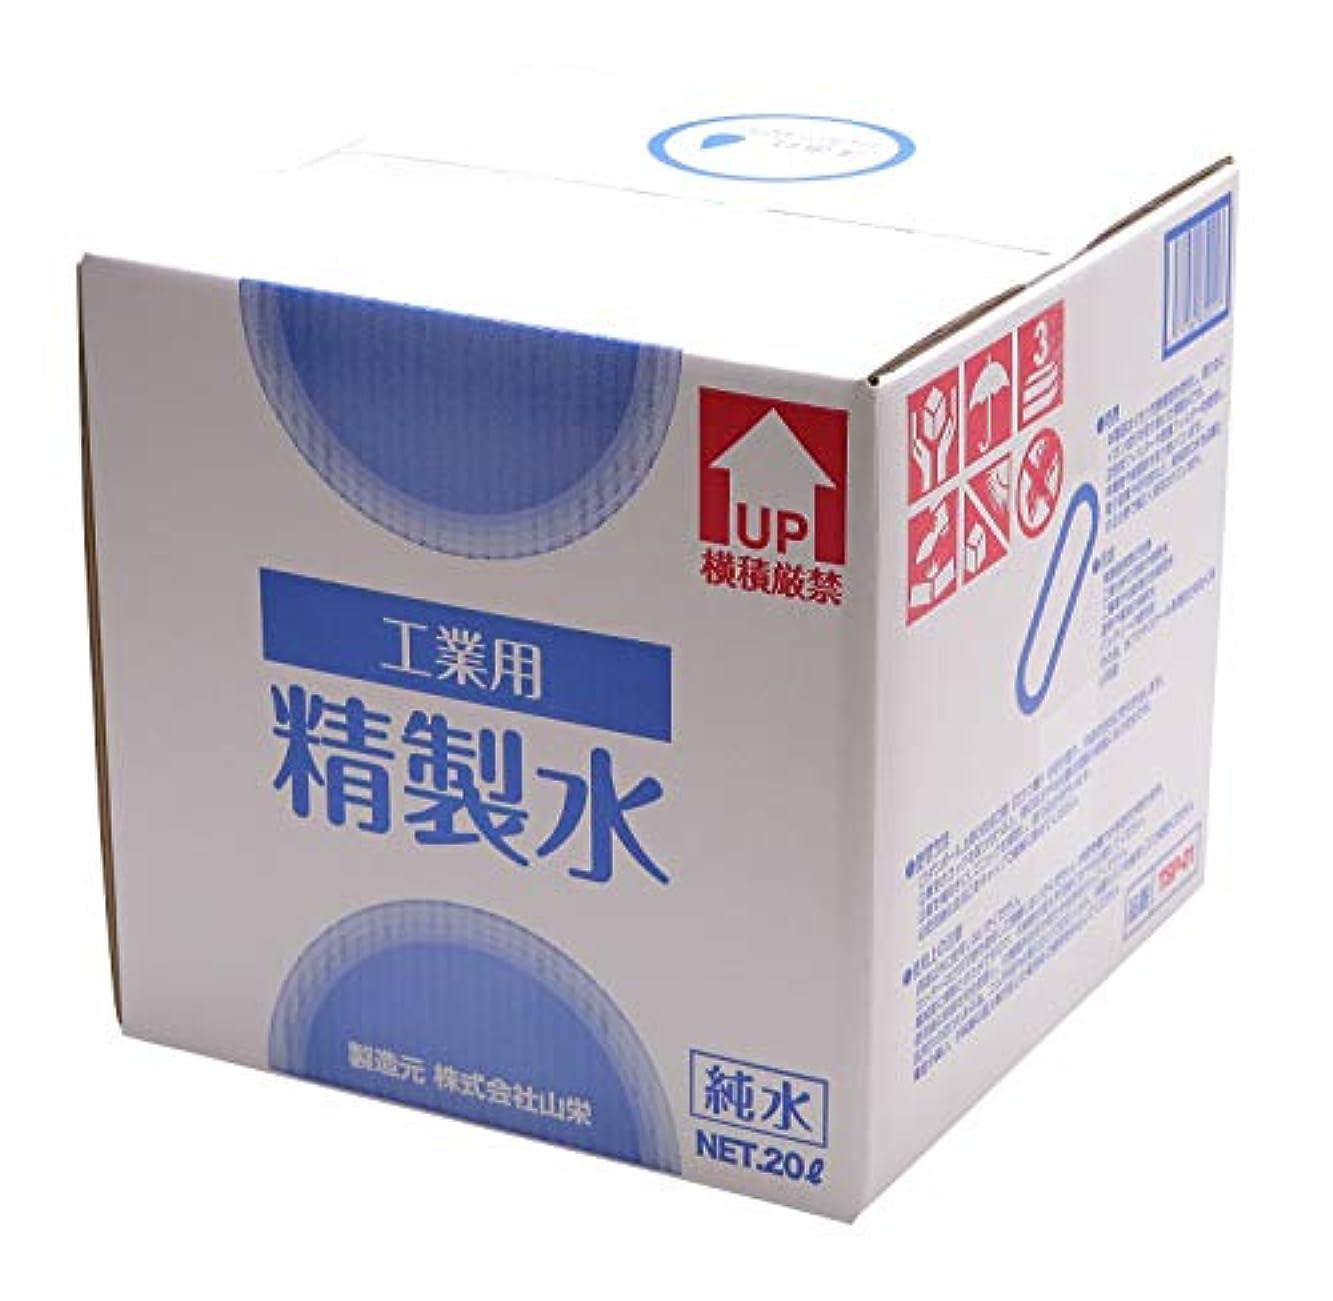 論争最も遠い説得サンエイ化学 工業用 精製水 純水 20L×10箱 コック付き